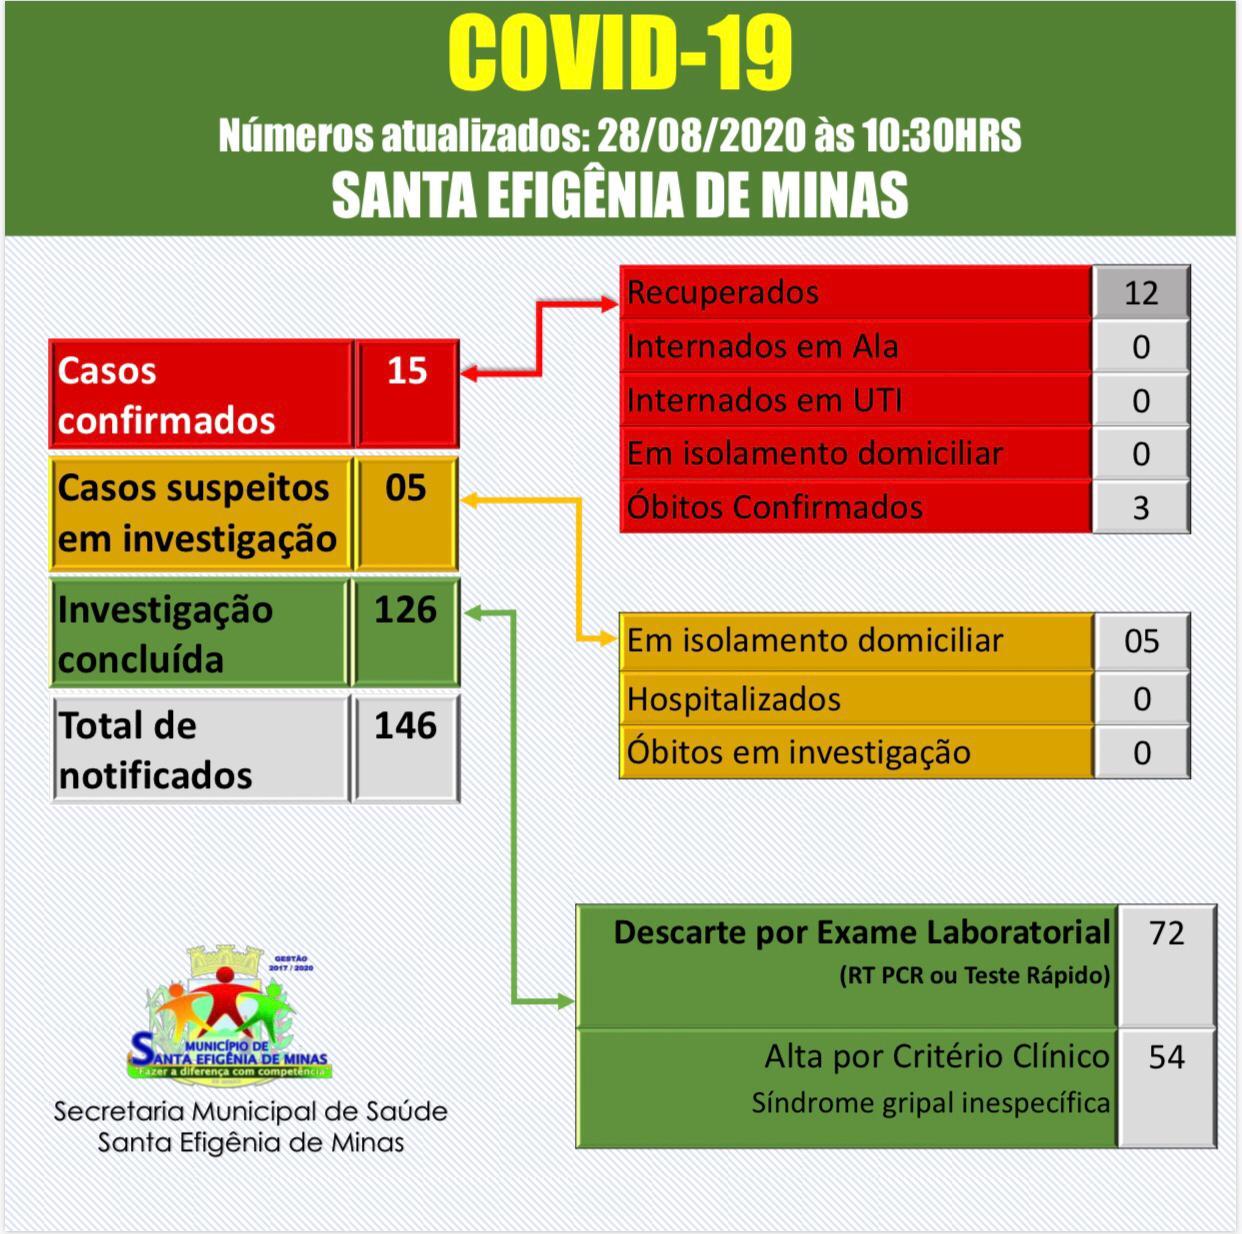 BOLETIM OFICIAL CORONAVÍRUS 28 DE AGOSTO DE 2020